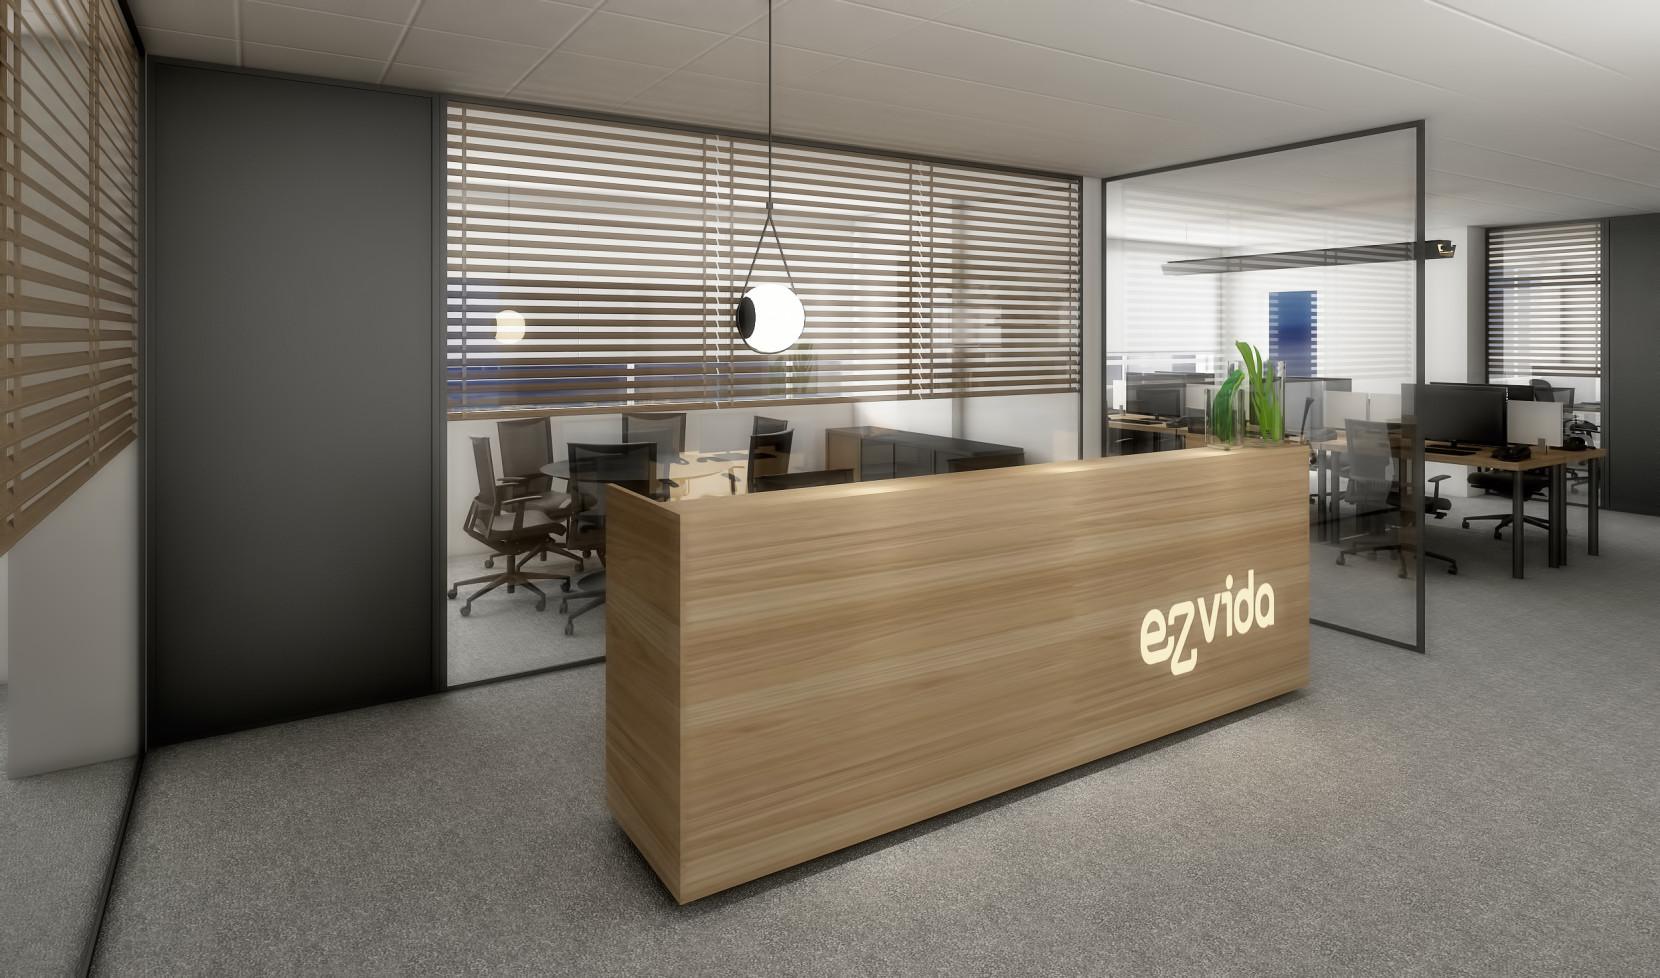 EZVIDA-ESCRITORIO-RECEPCAO-VISTA2-R02